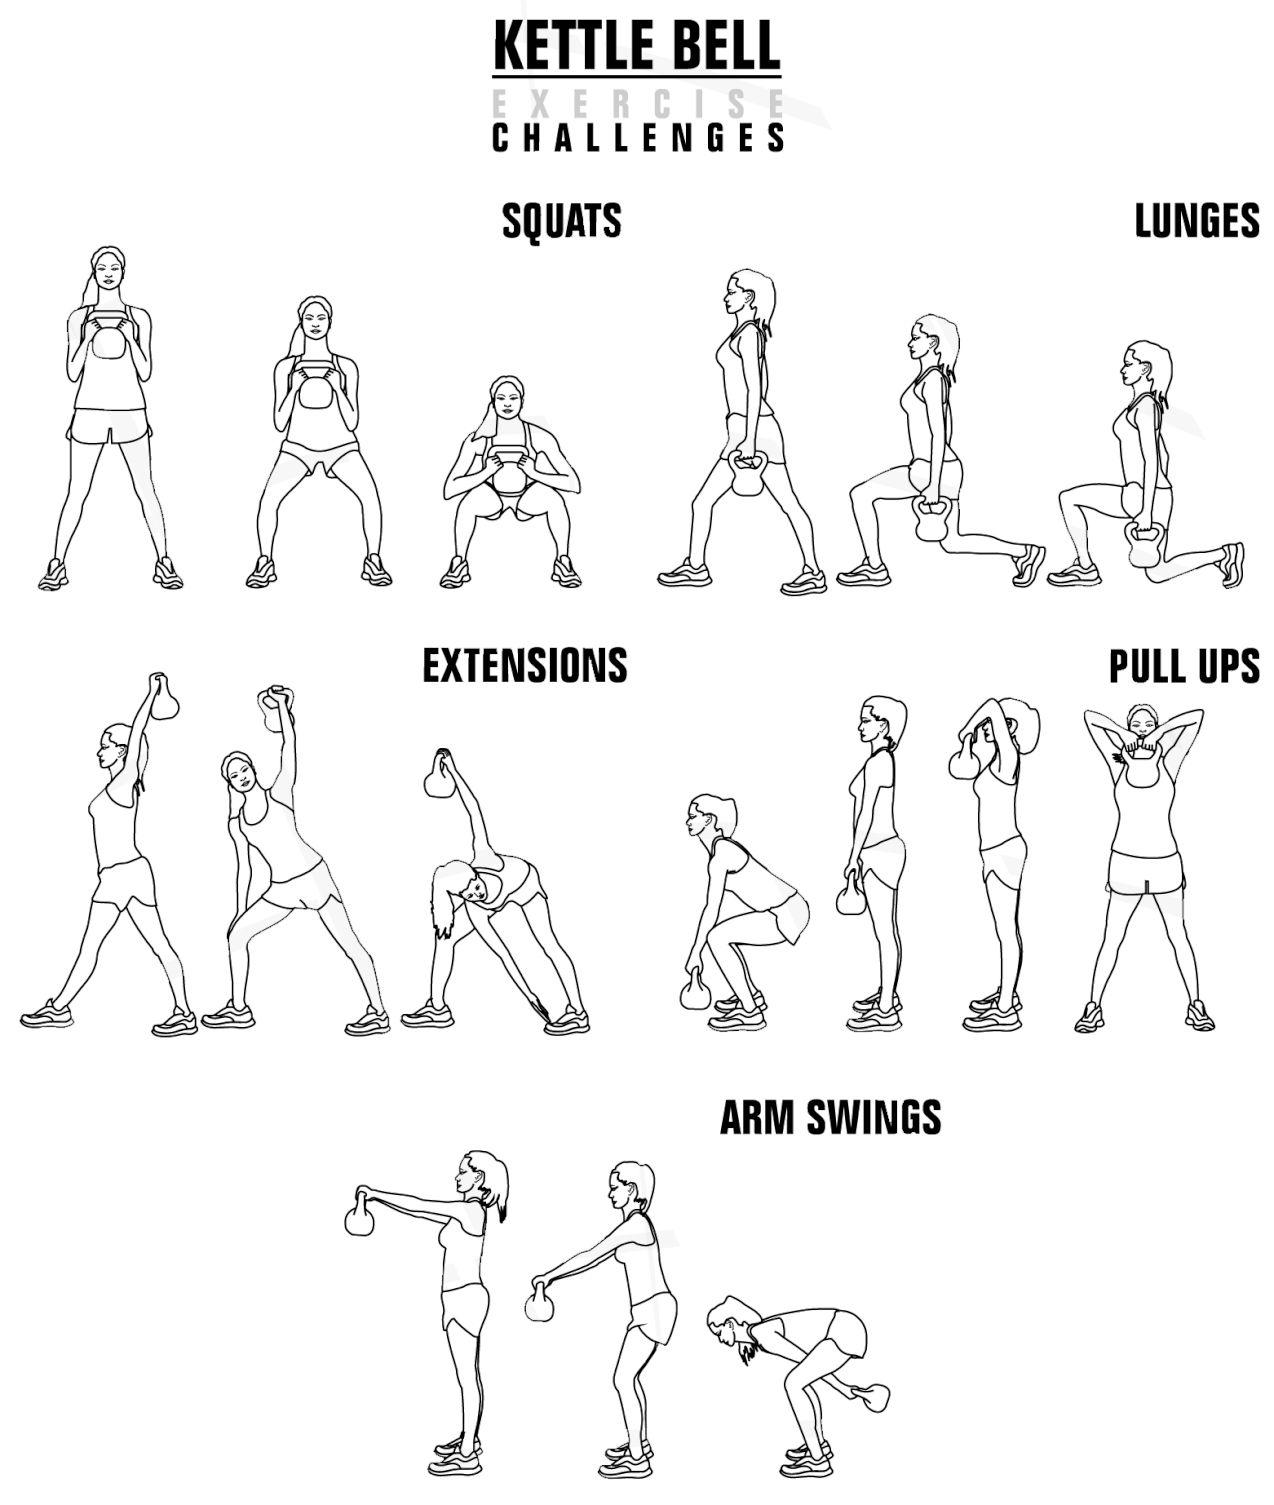 41KJ-EXERCISES